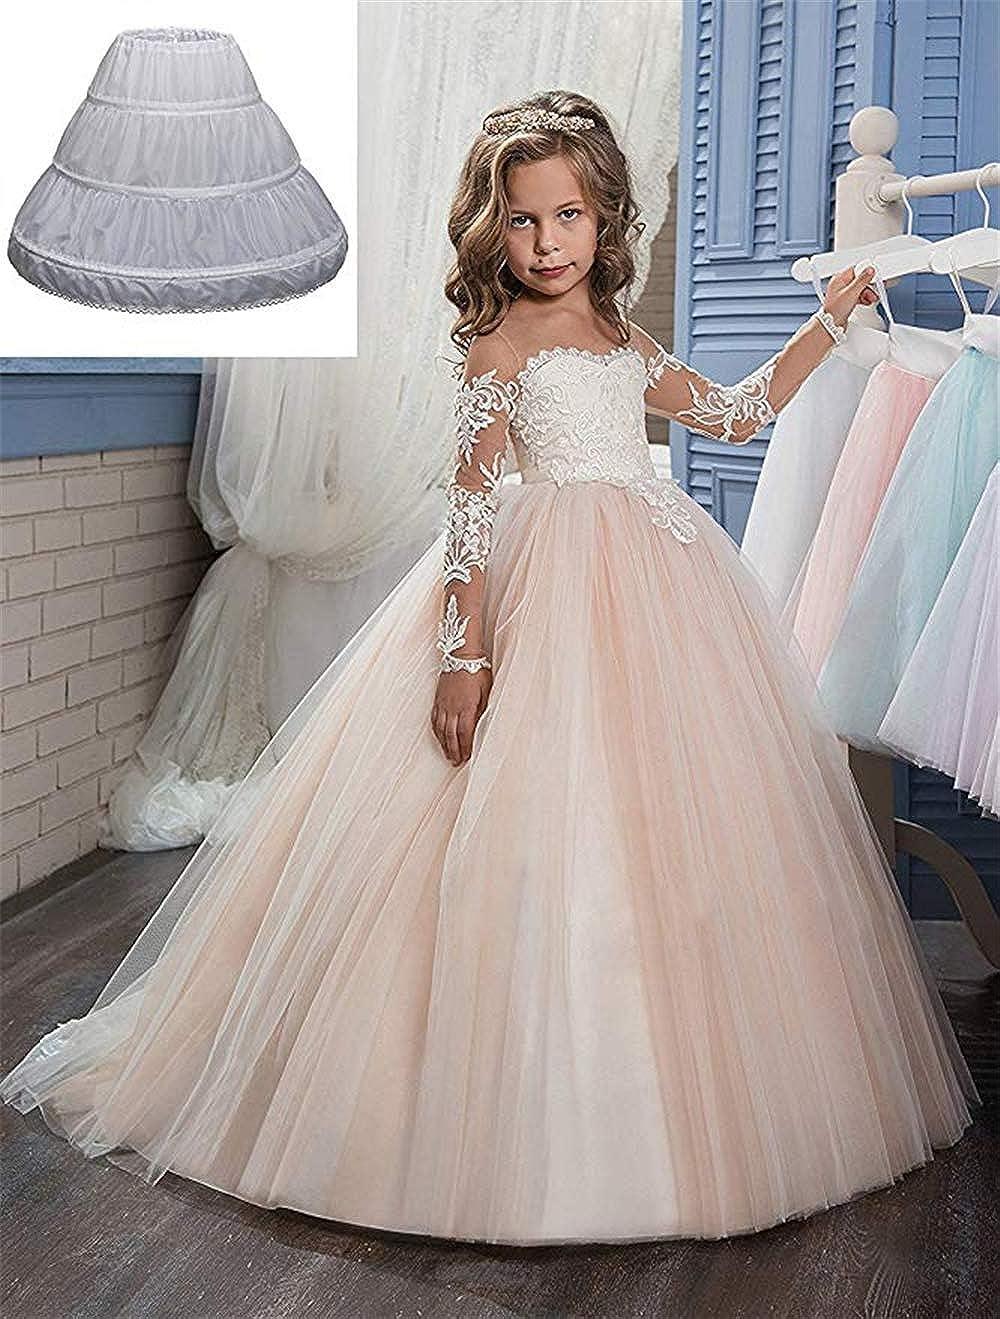 CDE Kinder Aschenputtel Prinzessin Kleid mit Strass M/ädchen Lang T/üllkleider Schulterfrei Ballkleider Cocktailkleid